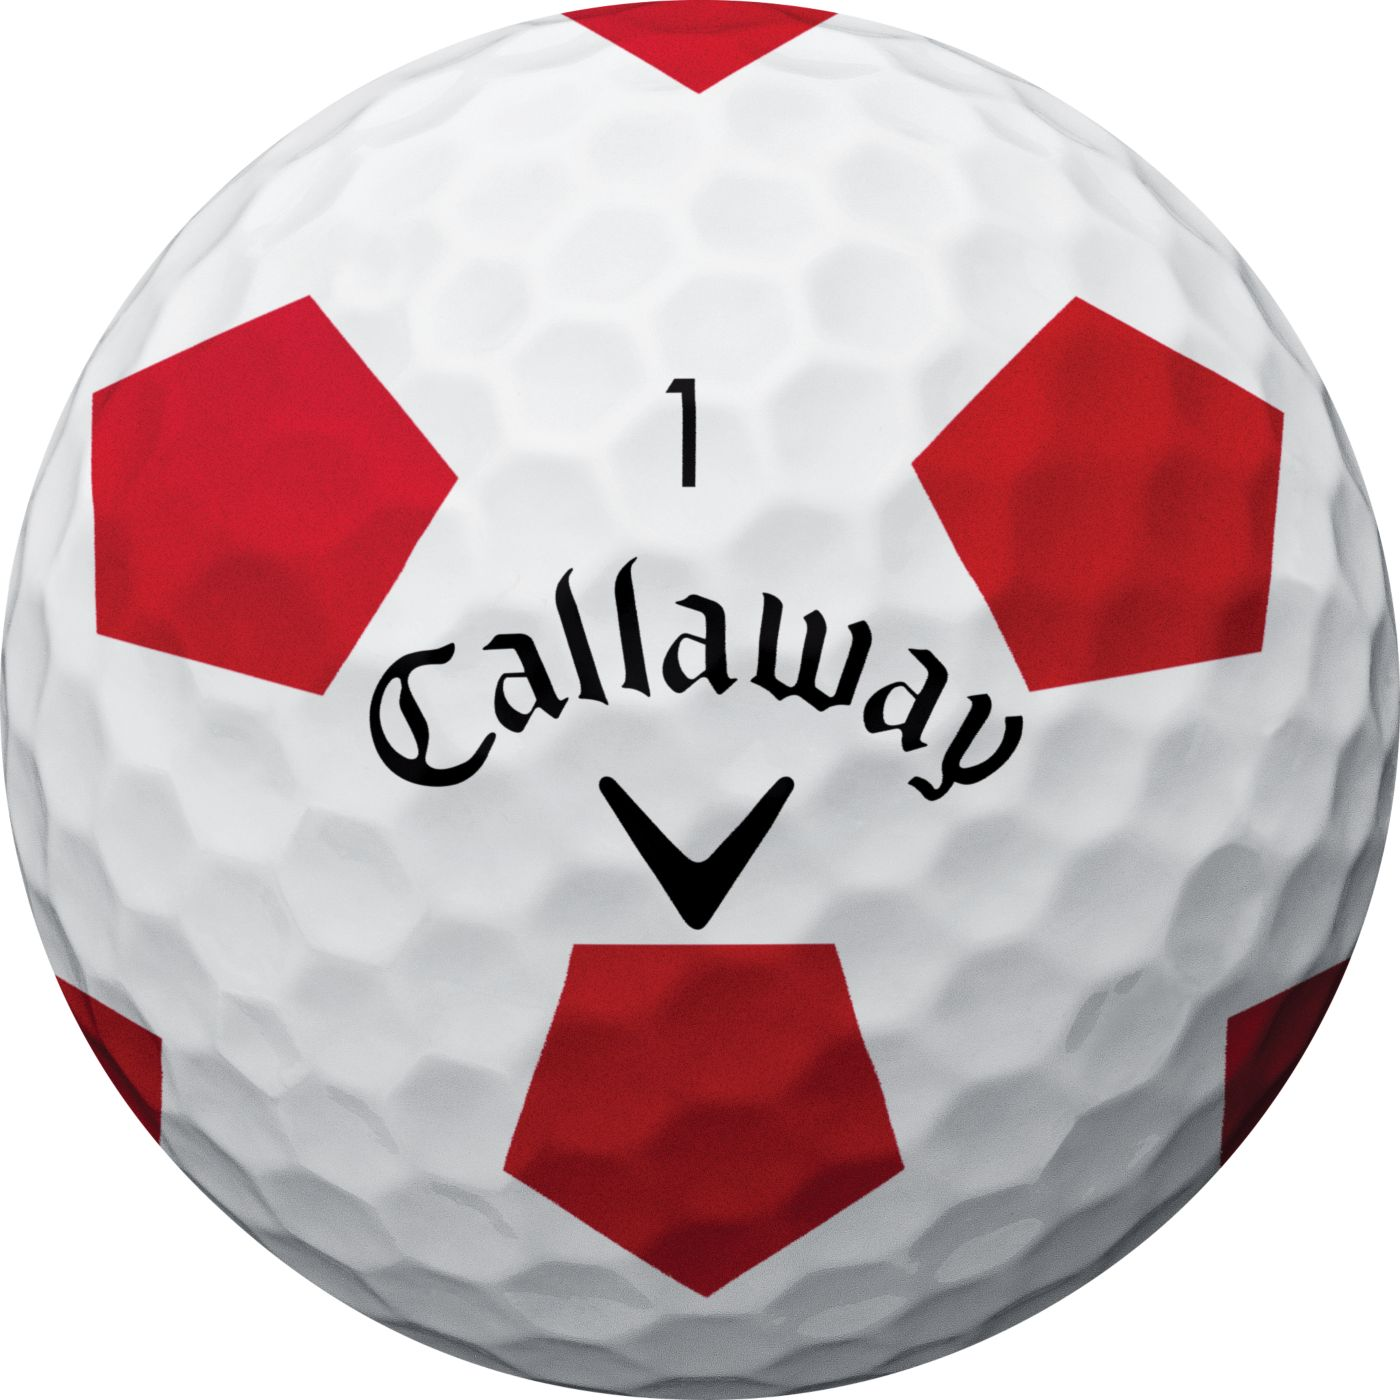 Callaway 2018 Chrome Soft X Truvis Red Golf Balls